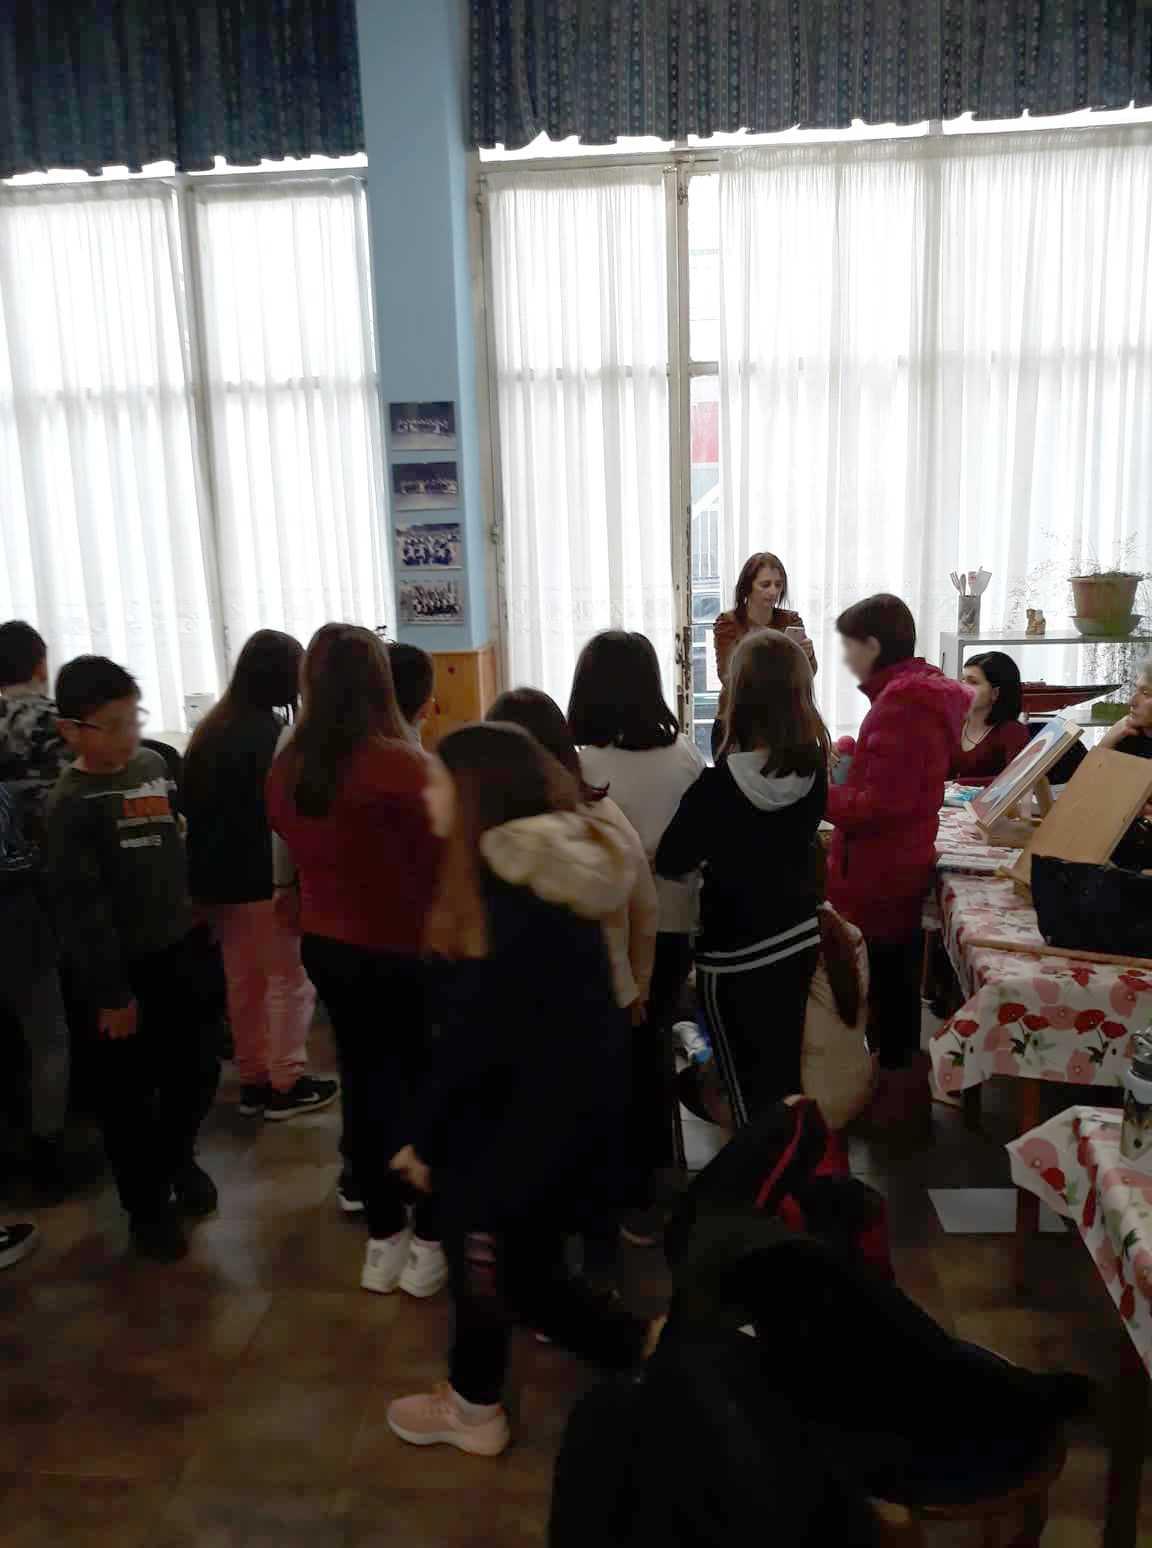 Επίσκεψη 18ου Δημοτικού Σχολείου Κοζάνης στο εργαστήρι αγιογραφίας του Πολιτιστικού Συλλόγου